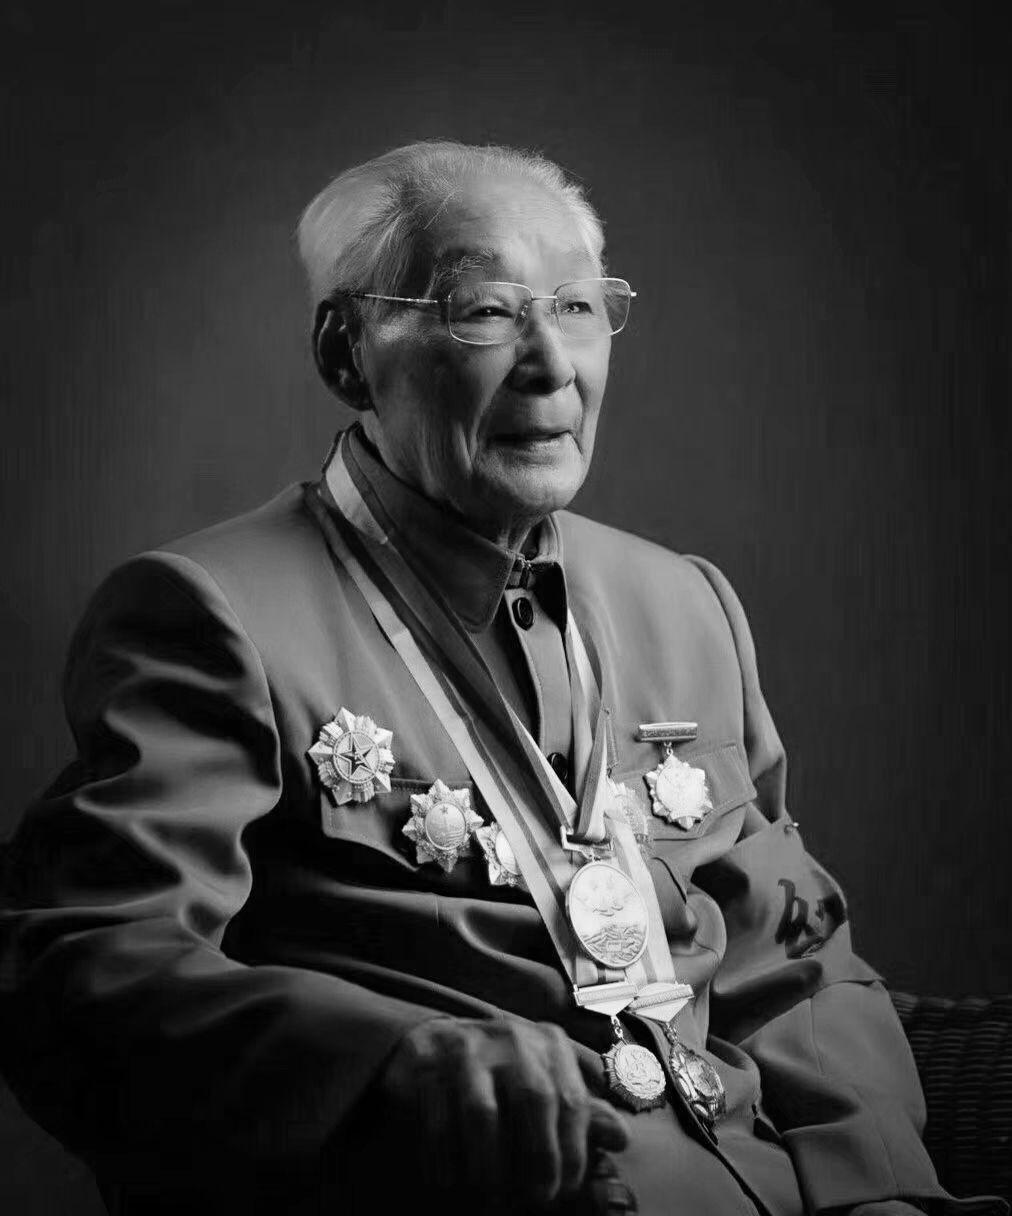 108岁老红军秦华礼逝世,曾任原南京邮电学院首任院长